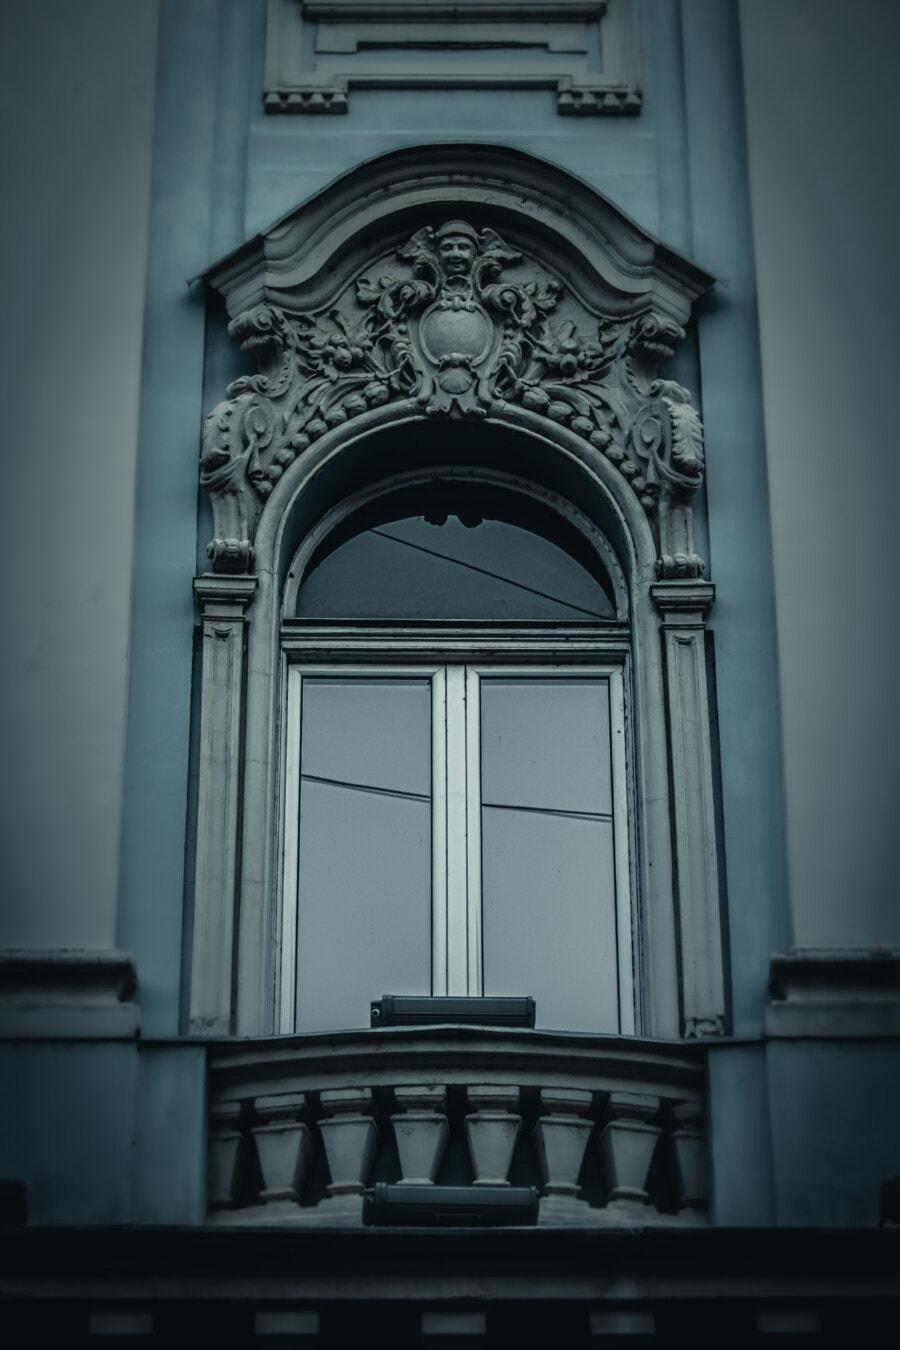 Fassade, fenster, Barock, Kunstwerk, Kreativität, Arabeske, Arch, Relief, Kunst, Architektur